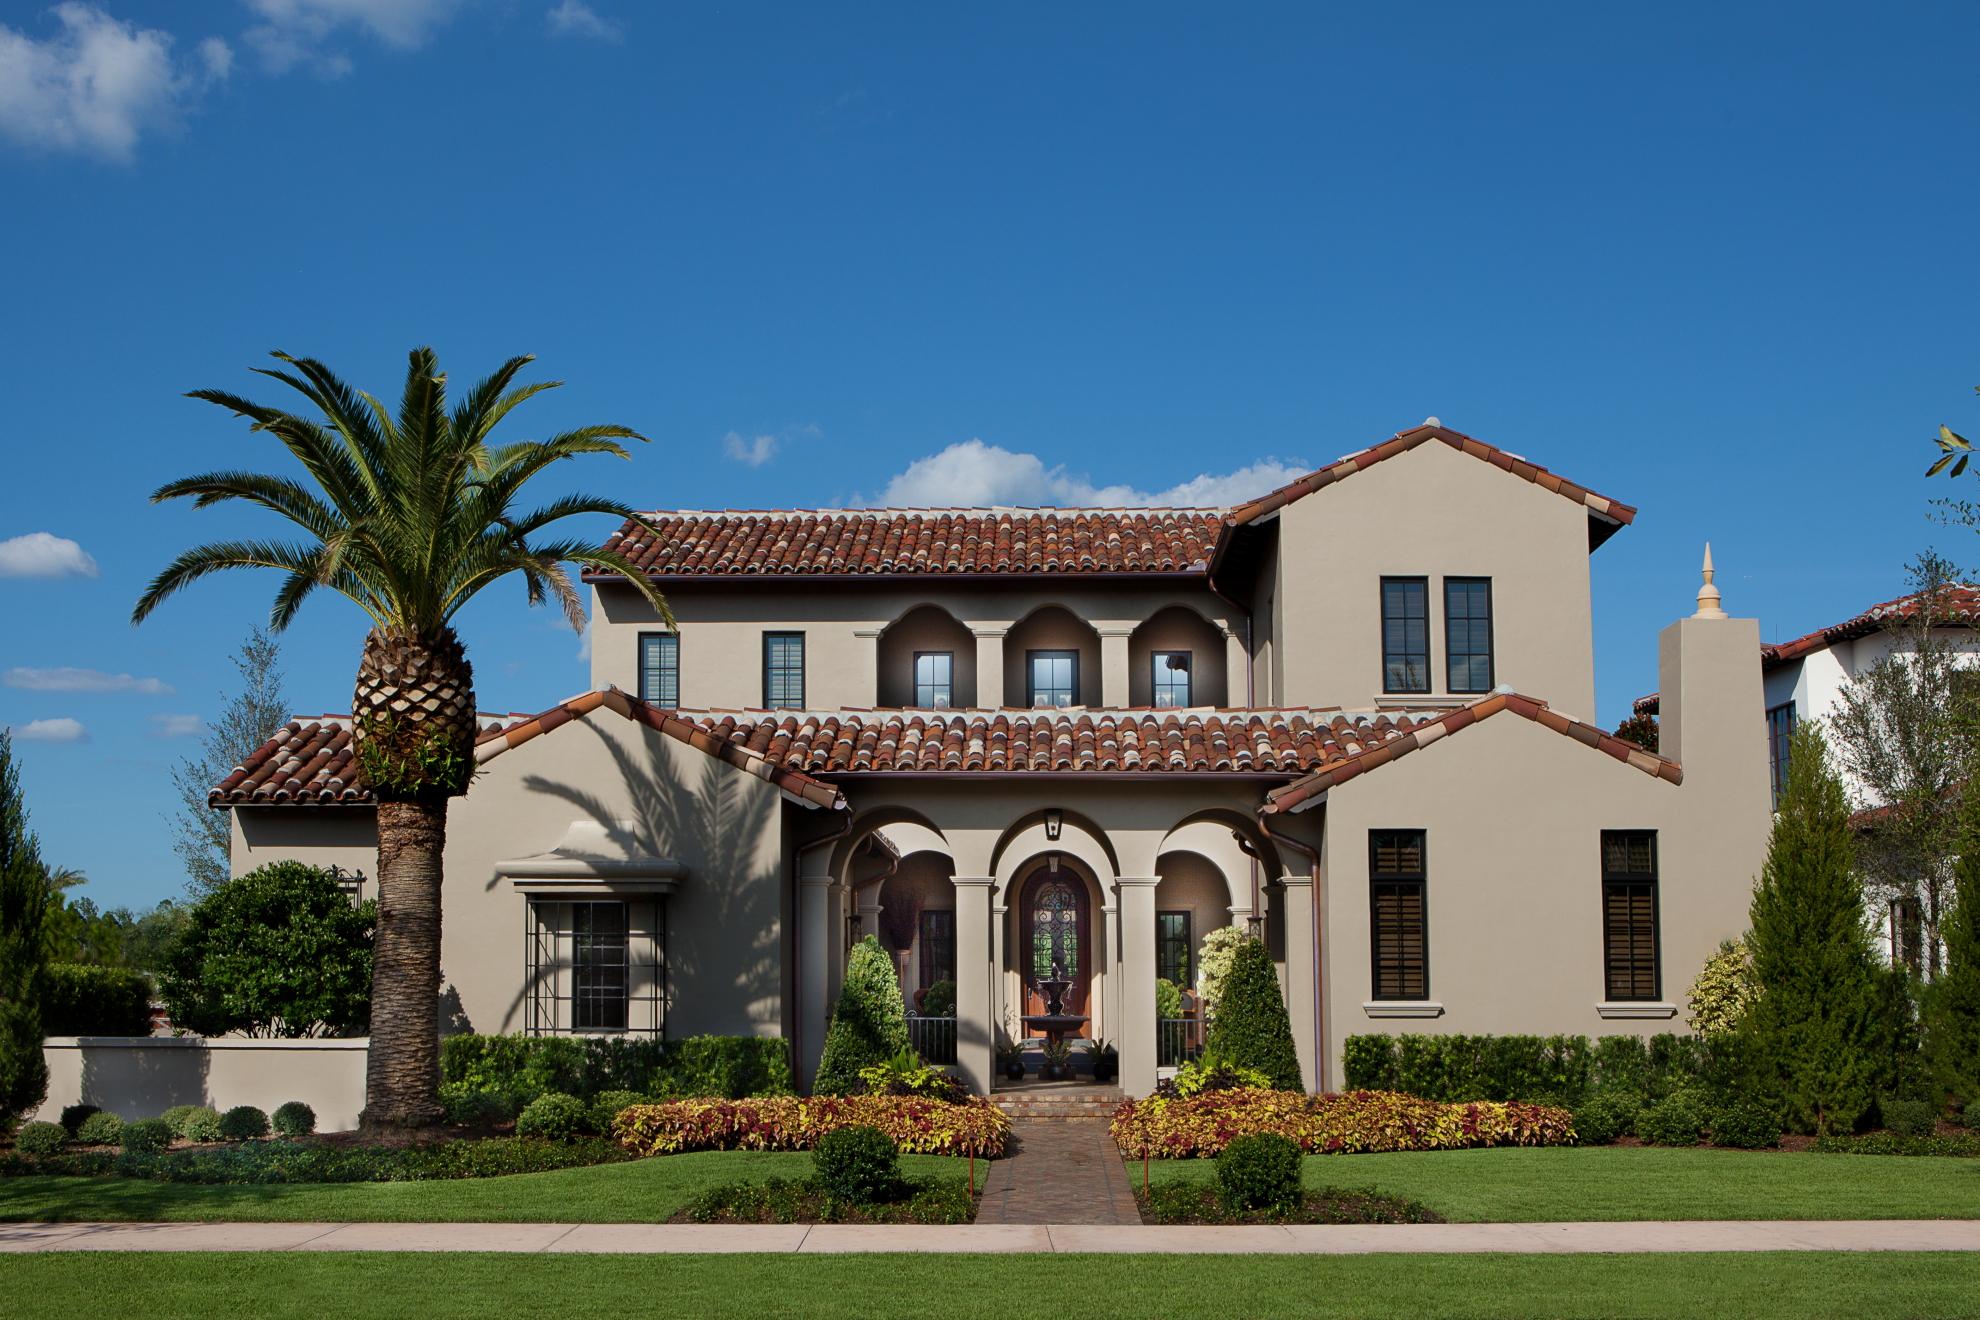 Spanish Revival – Derrick Builders